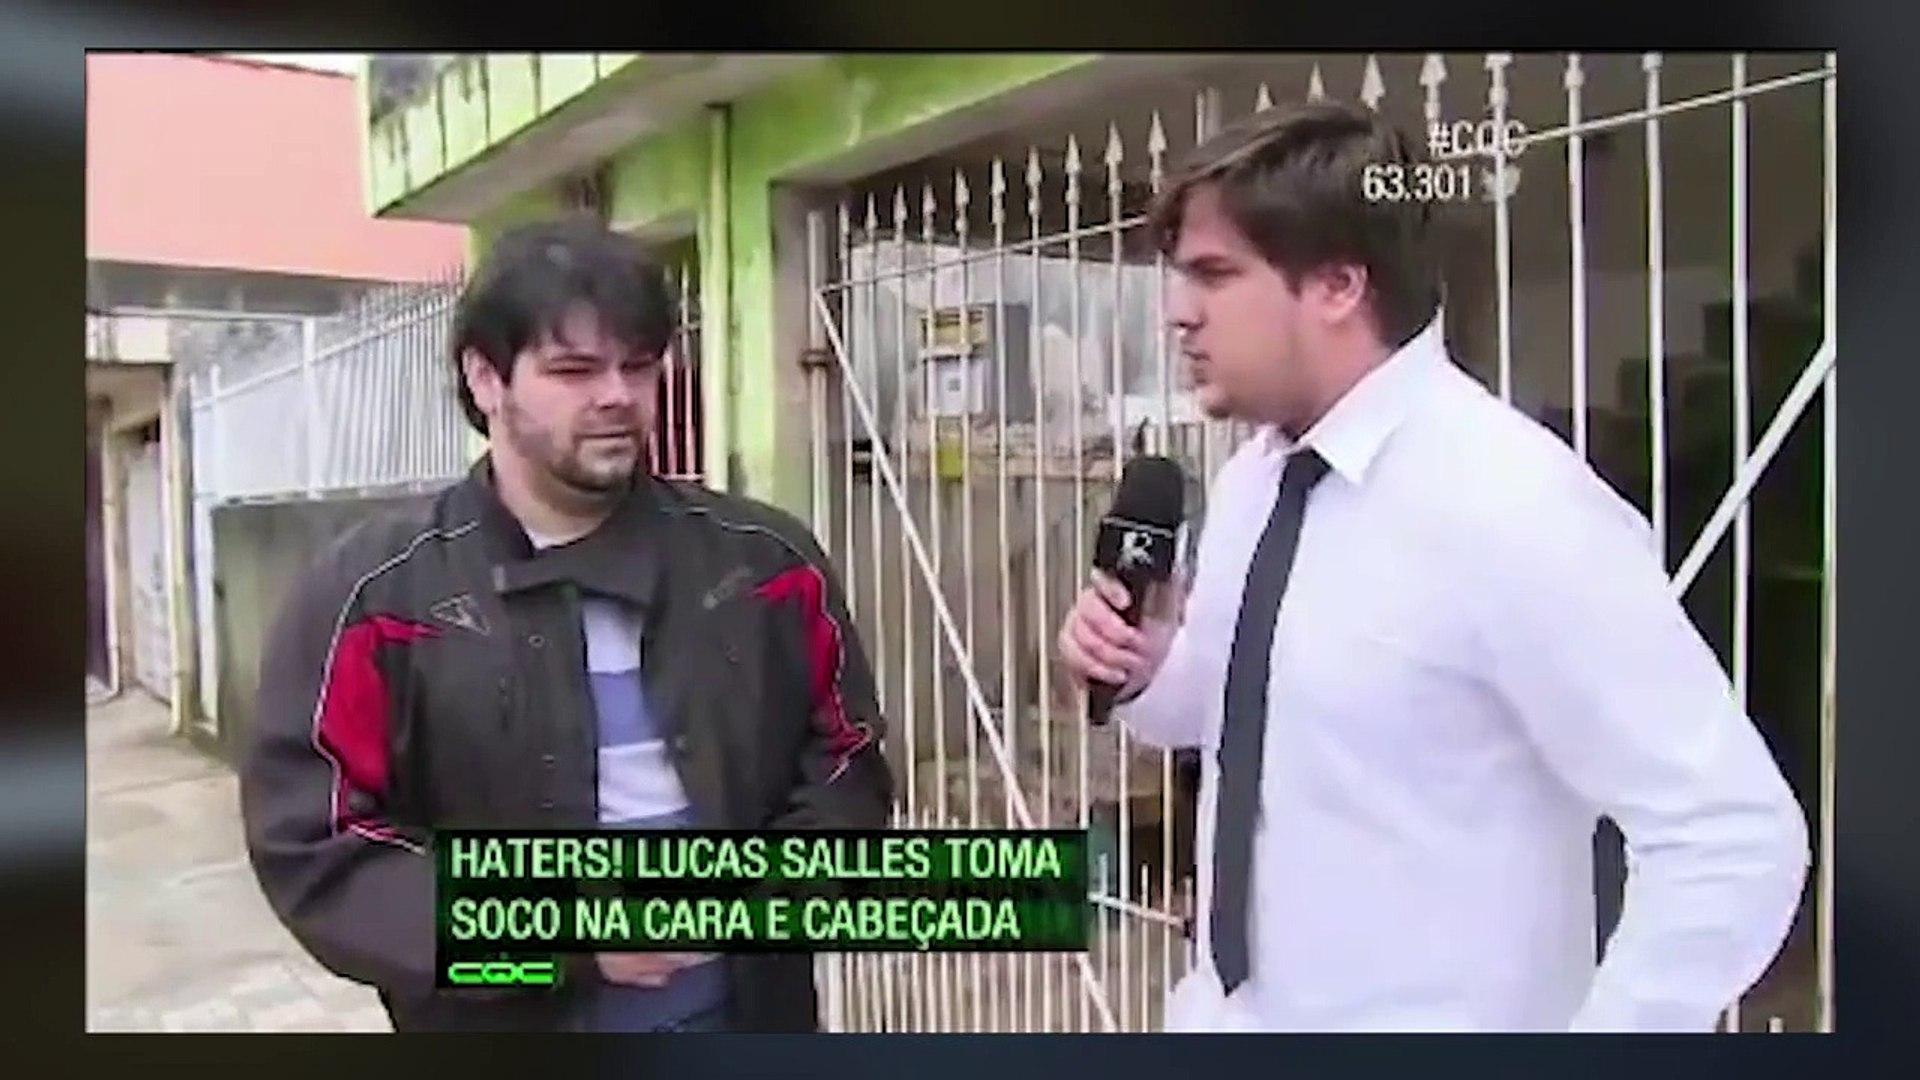 SOCO NA CARA E HATERS